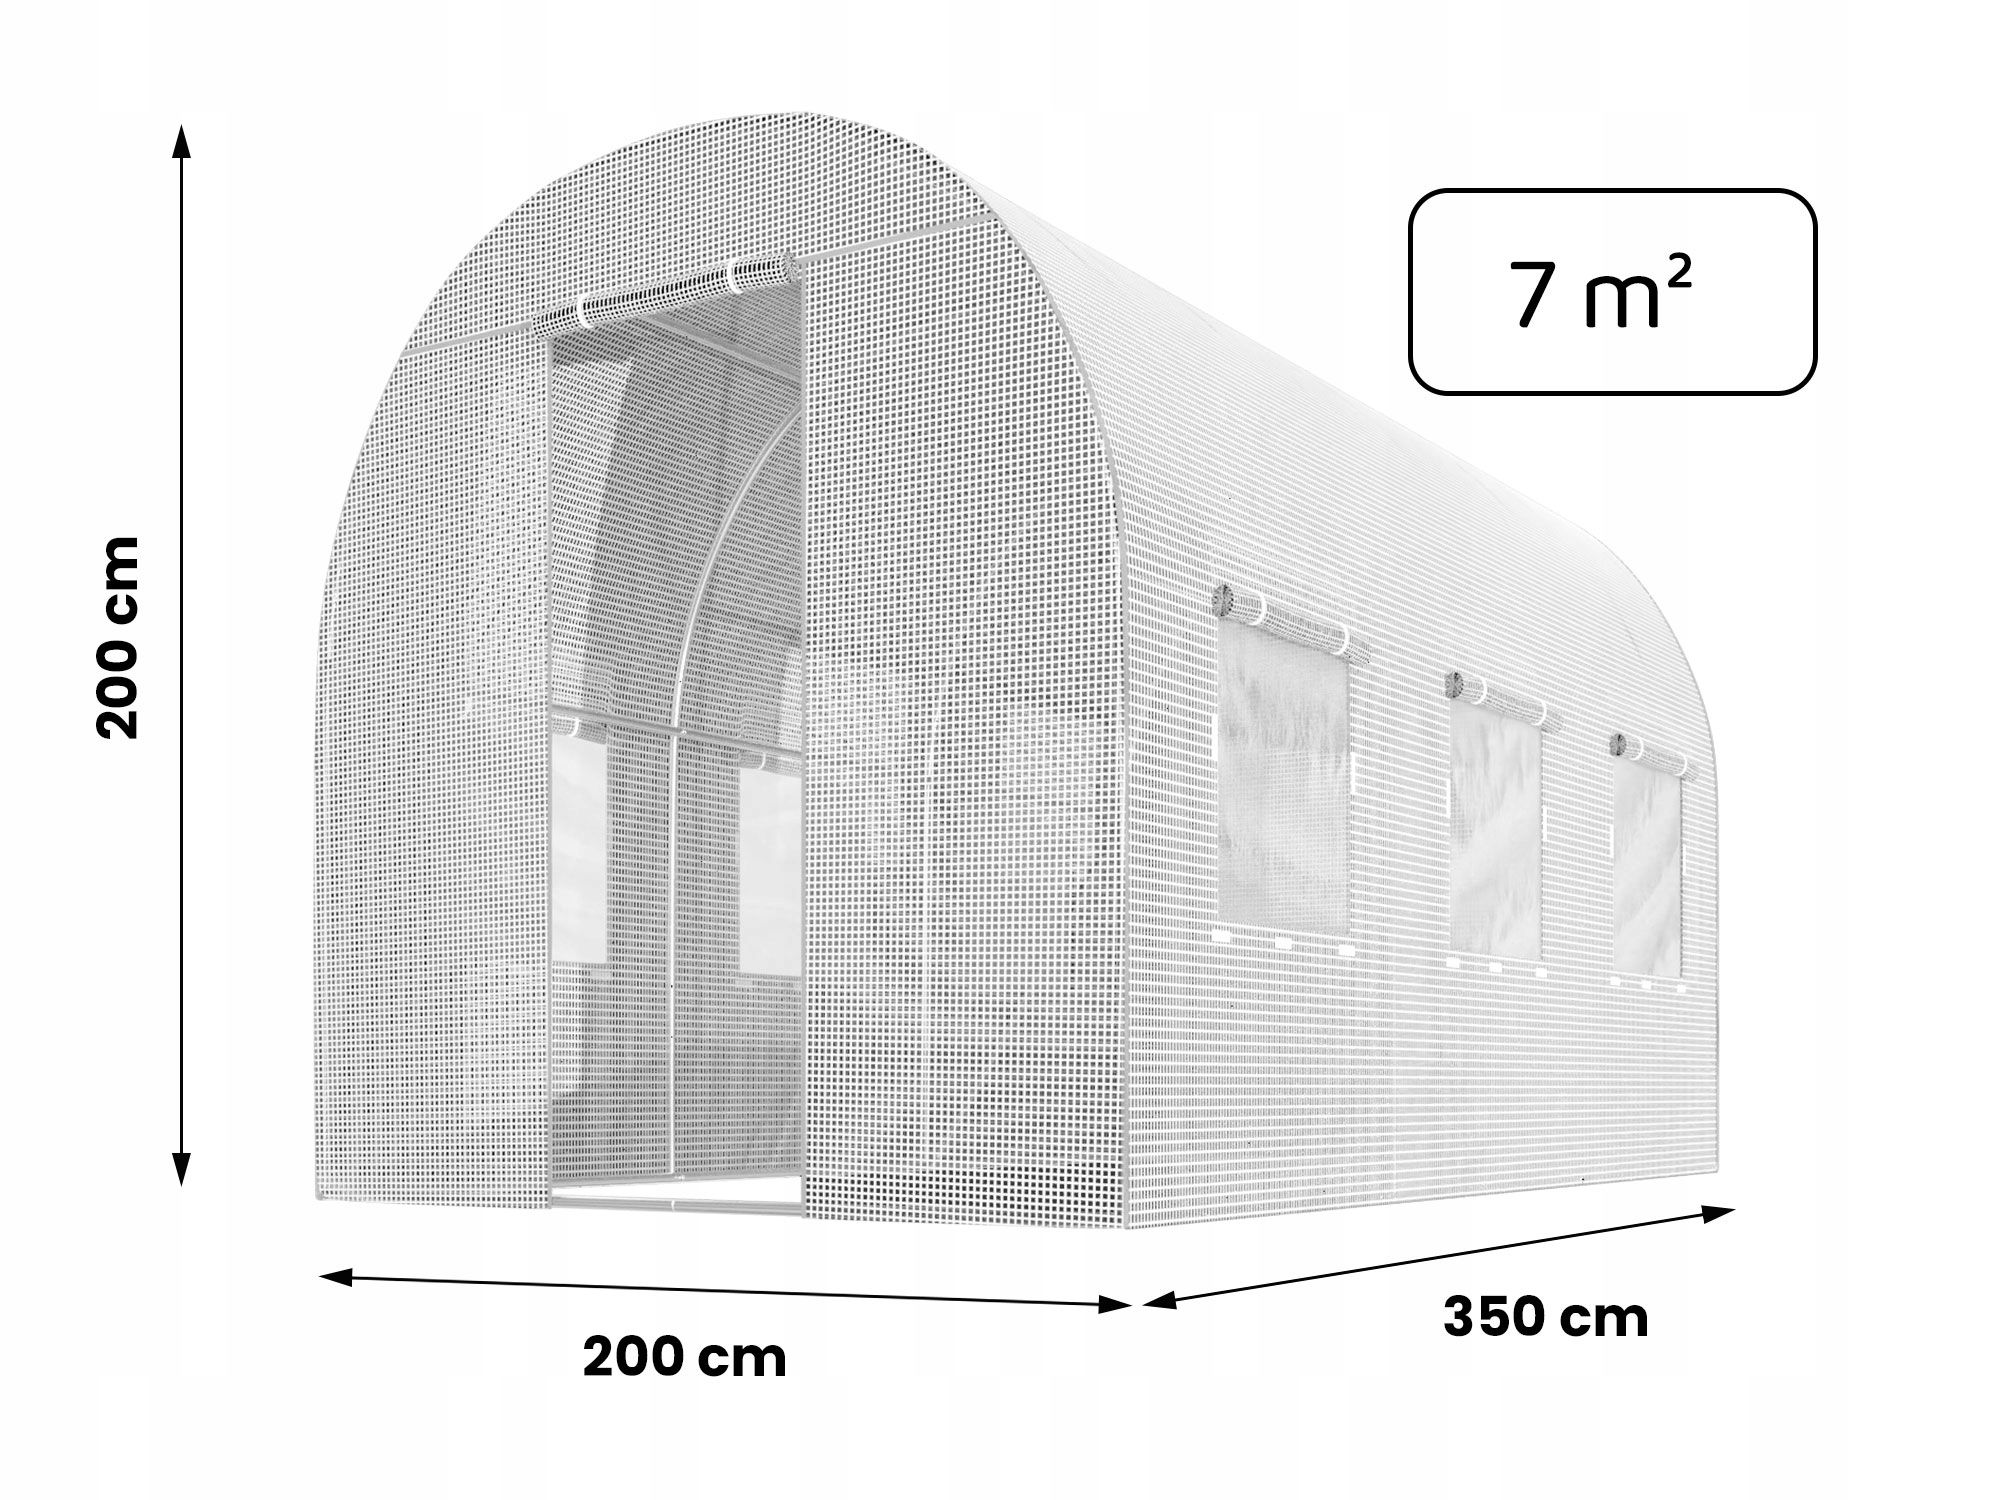 FOLIA NA TUNEL OGRODOWY 2x3,5m ZAMIENNA UV-4 7m2 Szerokość 200 cm